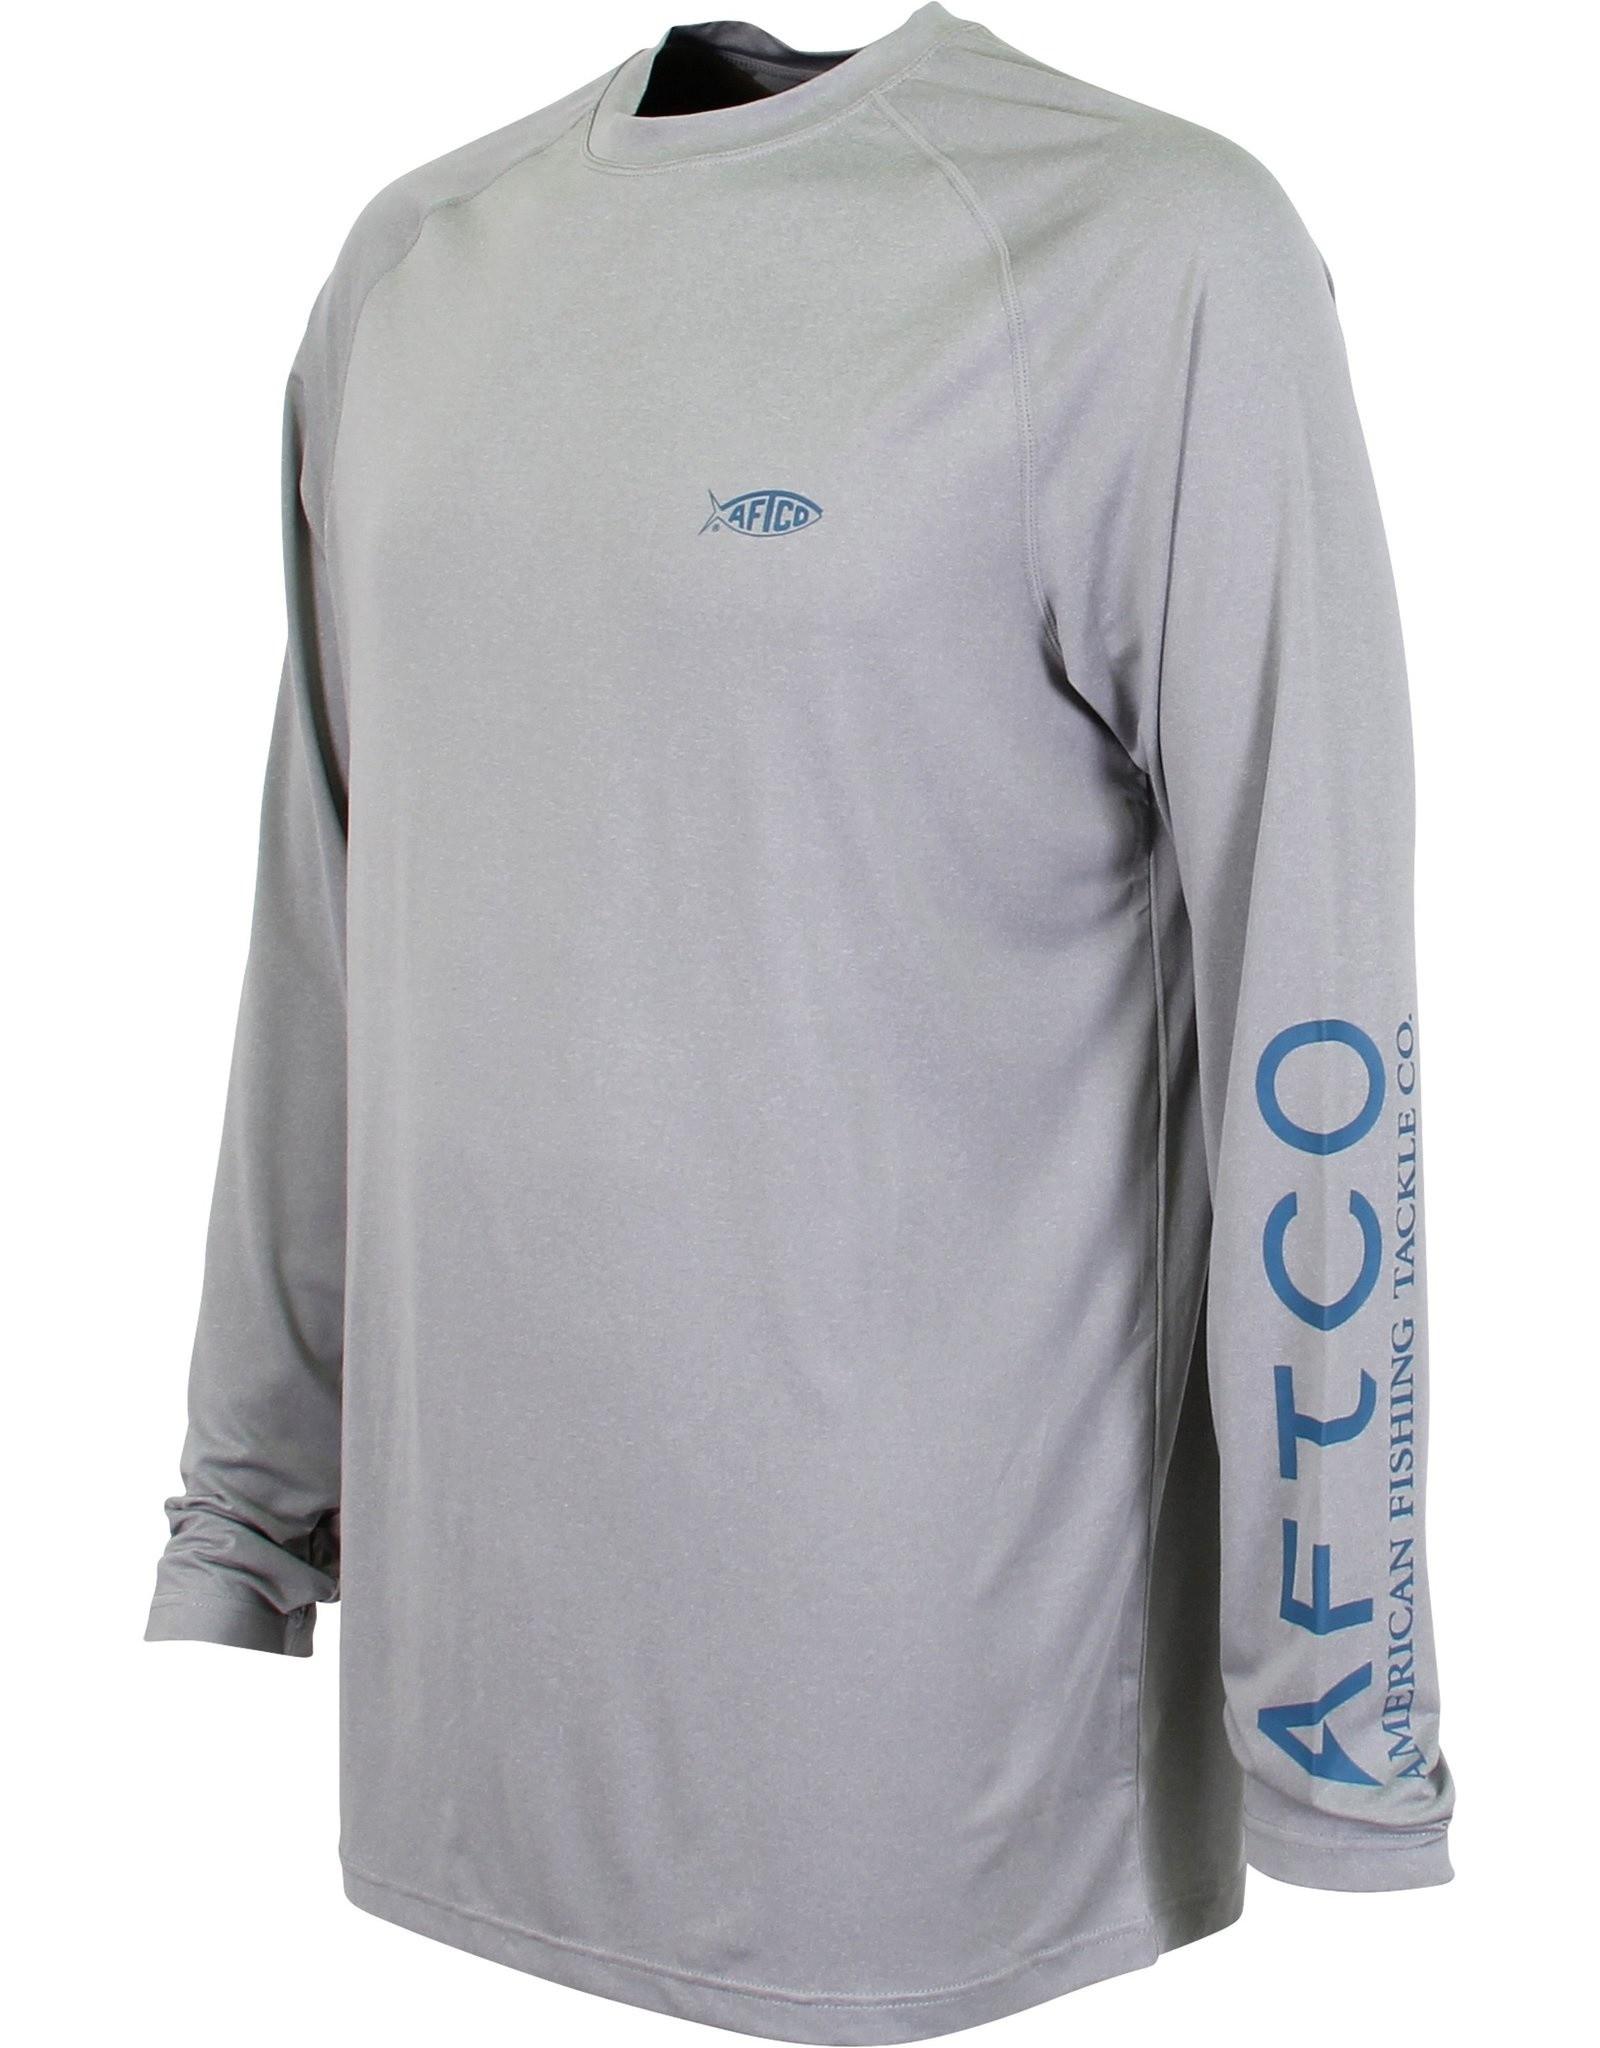 Aftco Samurai 2 Performance Shirt